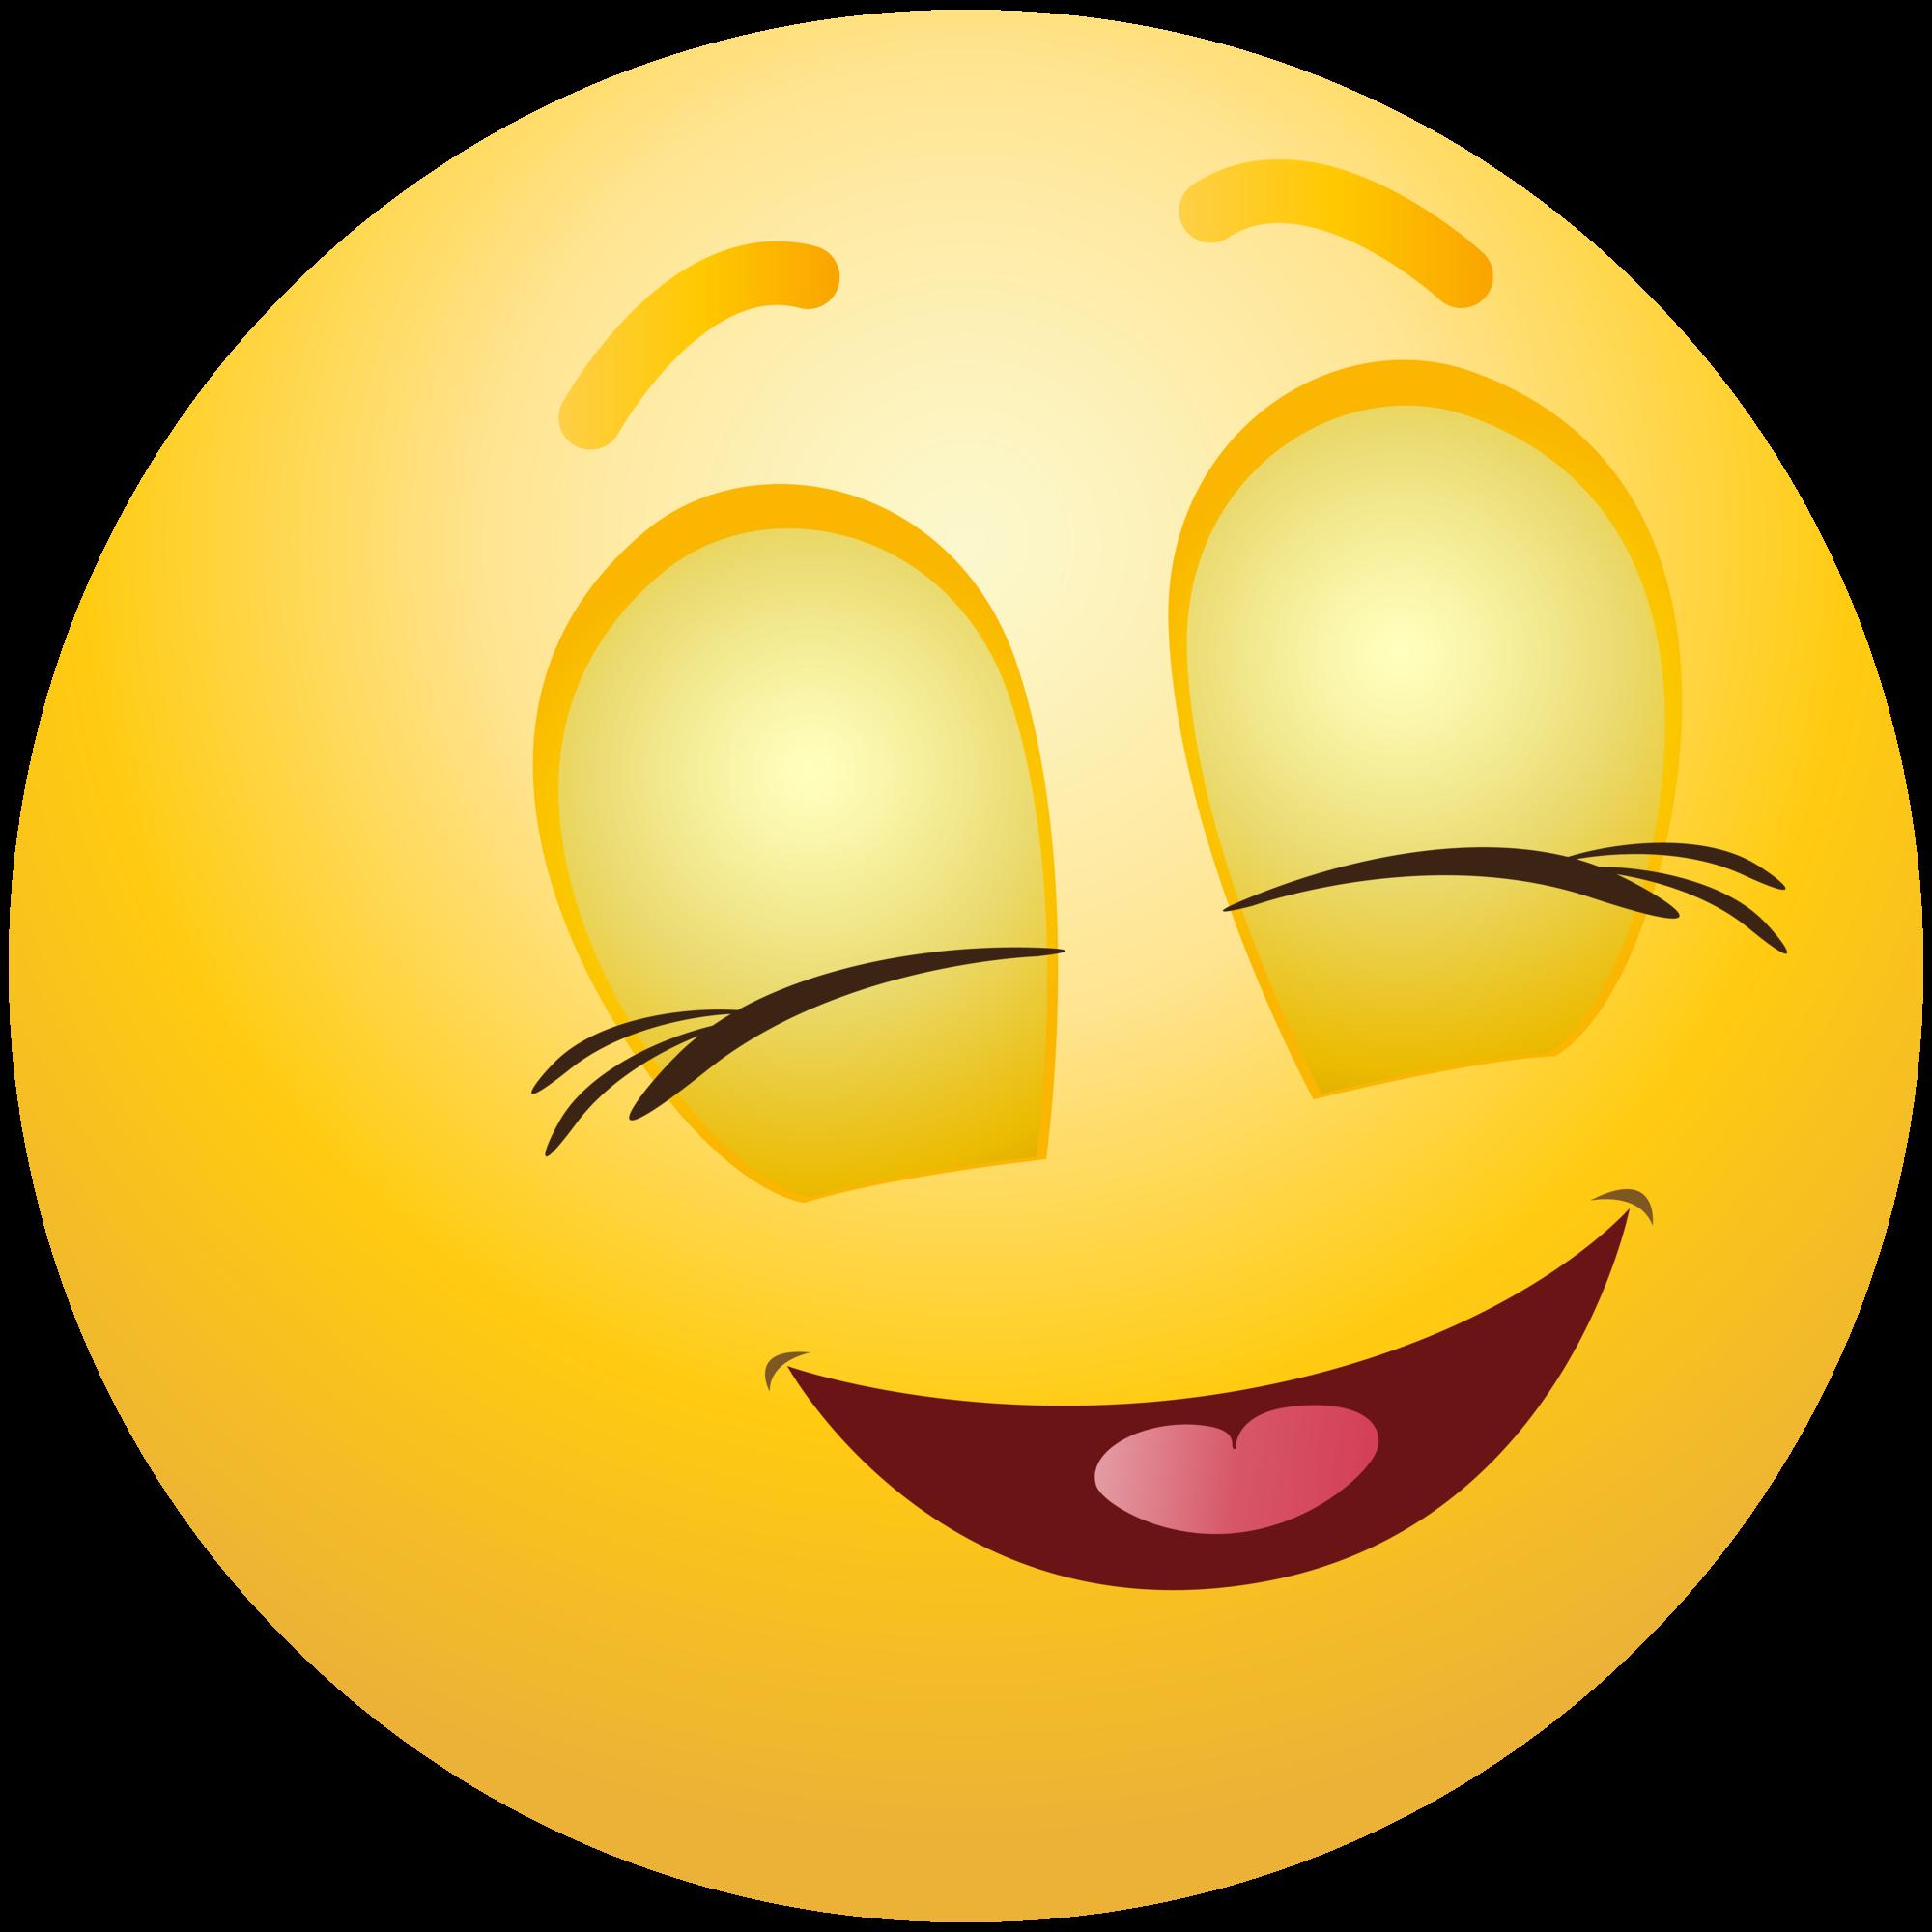 graphic black and white stock Pleased emoticon info . Emoji clipart